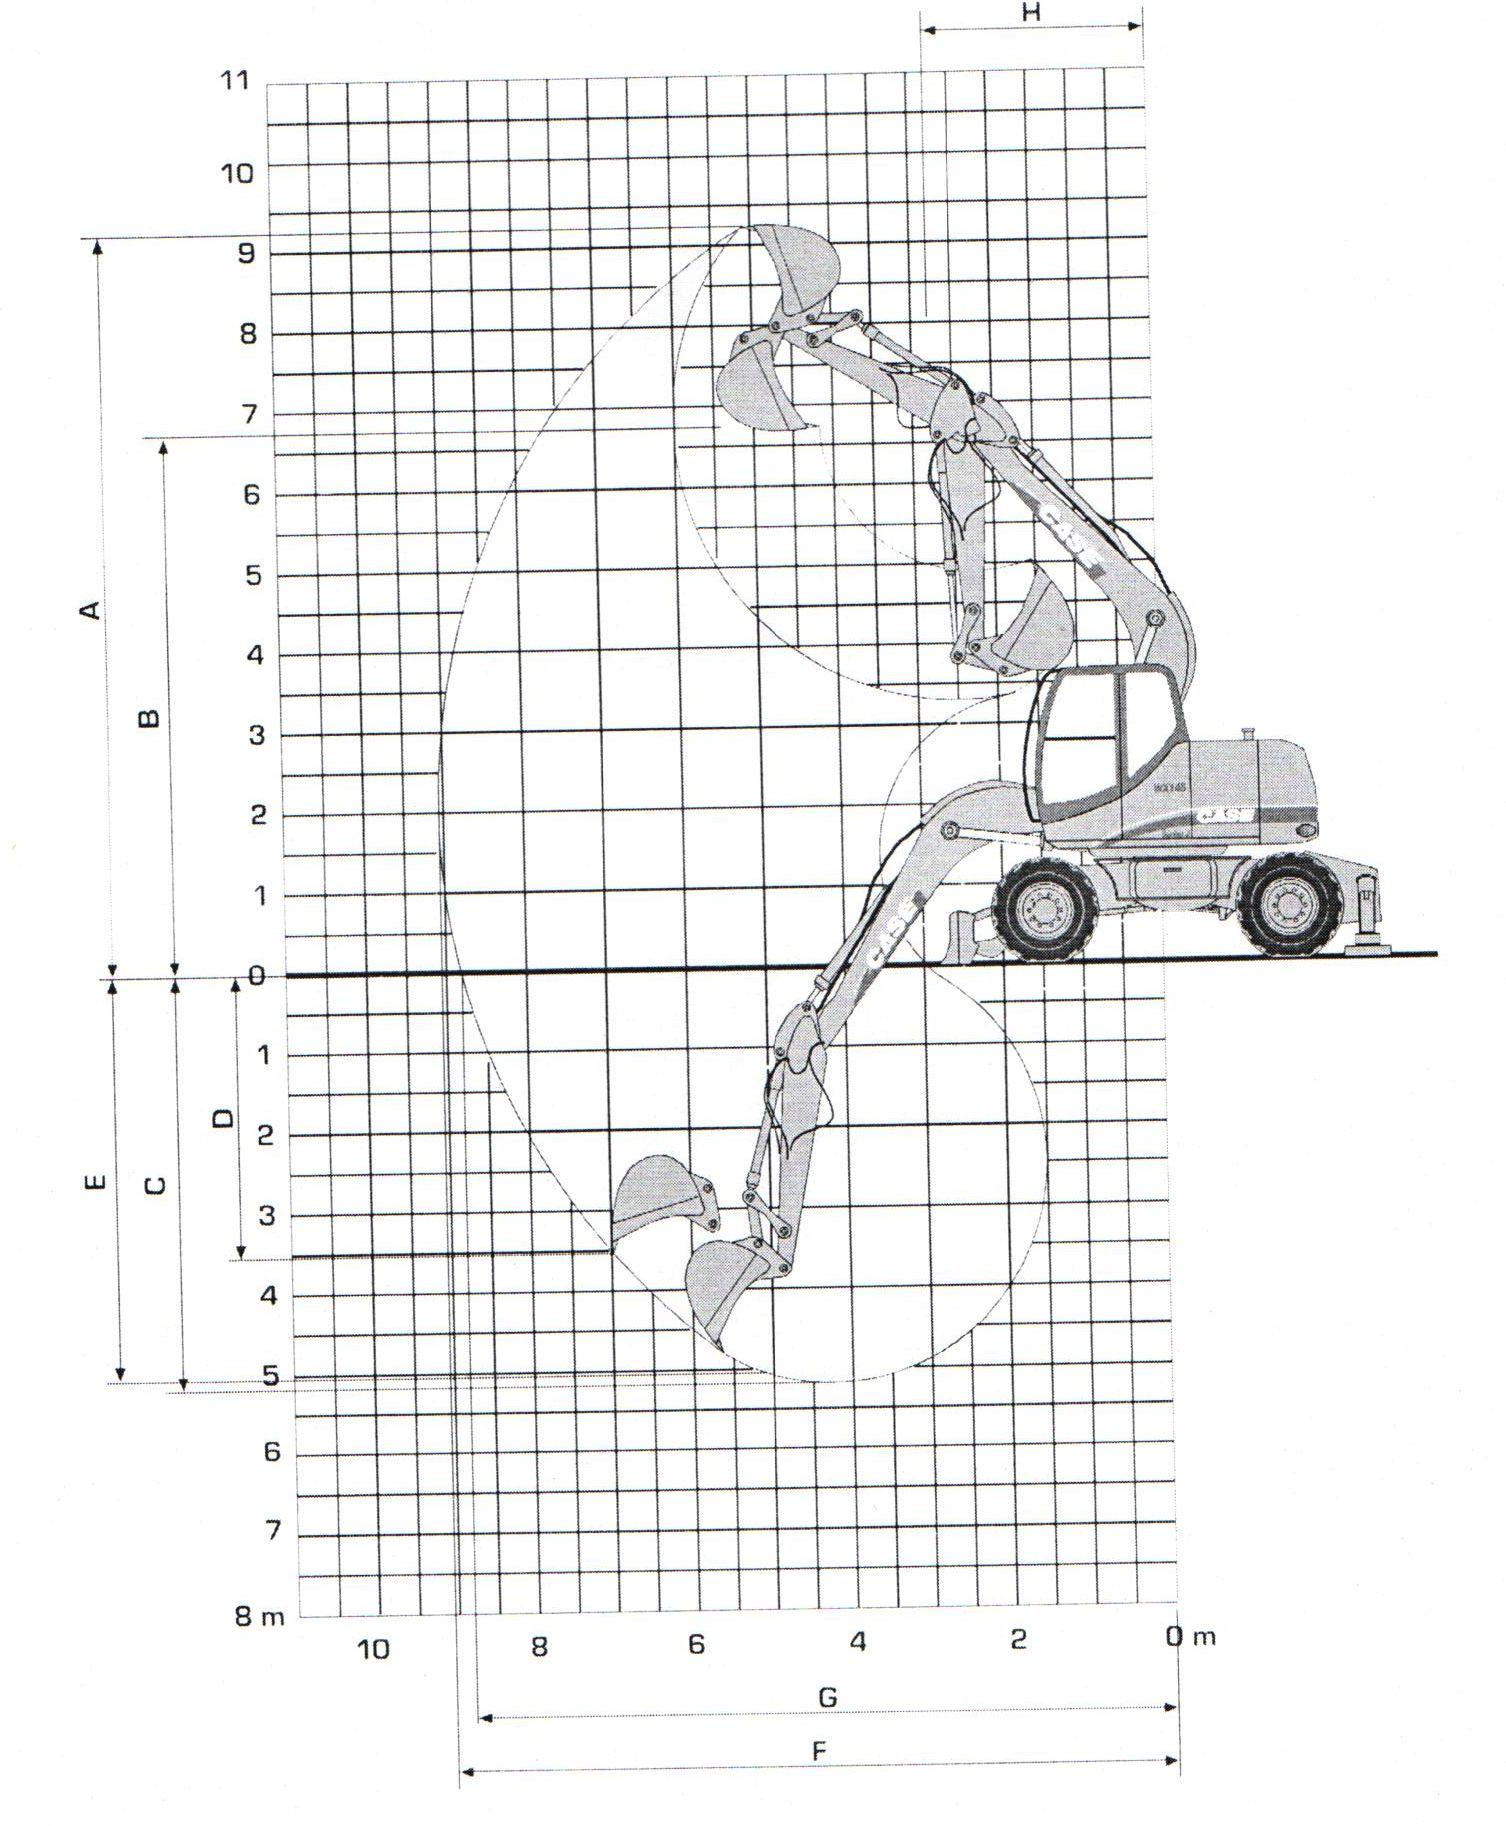 Технические характеристики колесного экскаватора CASE WX210